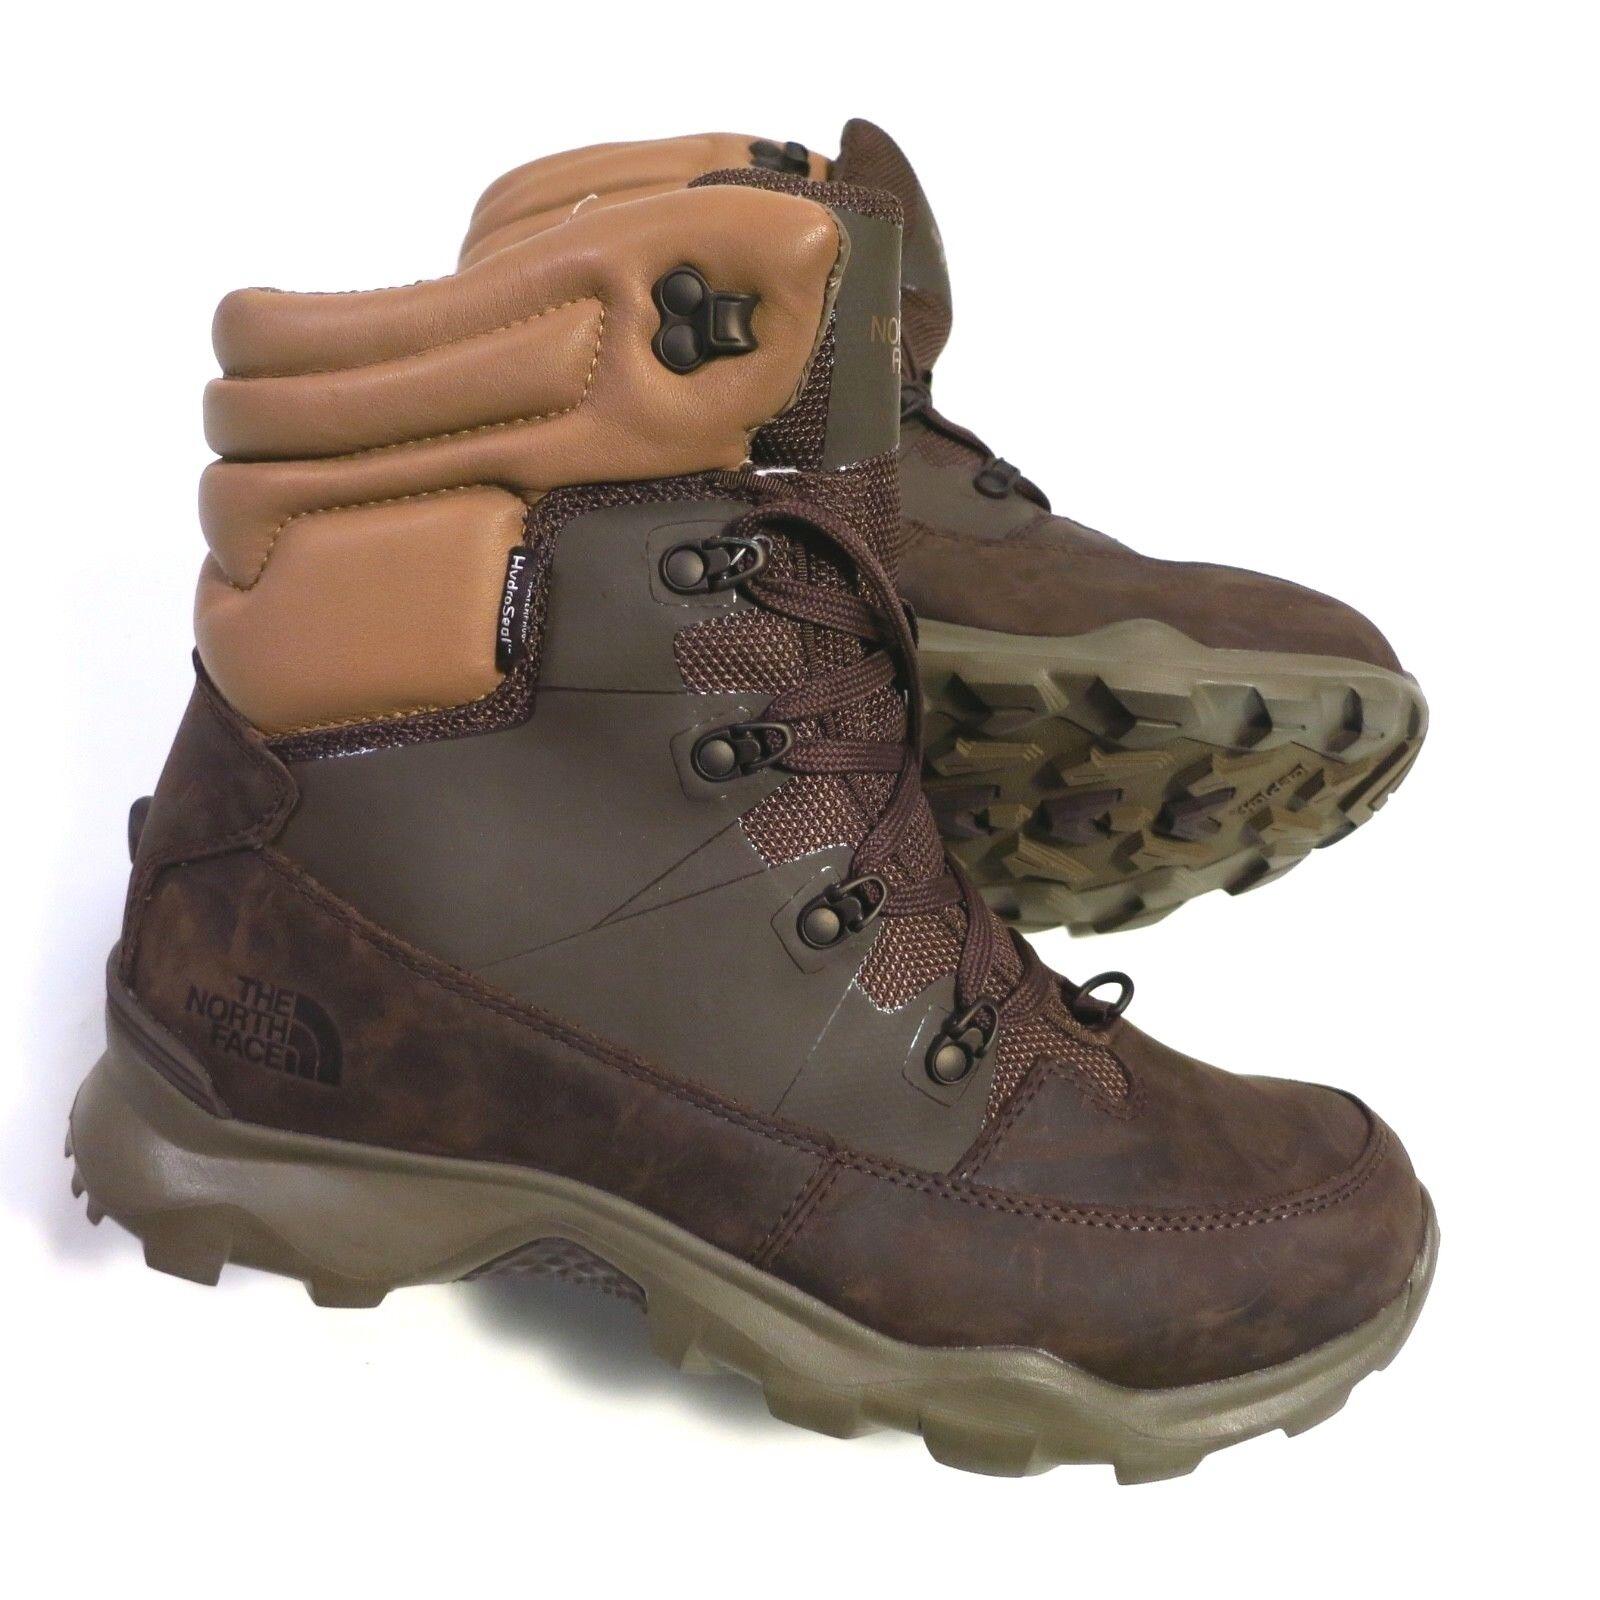 160 North Face Men's ThermoBall Lifty Talla 9 Marrón  Nuevo Estilo NF0A331A  mejor calidad mejor precio